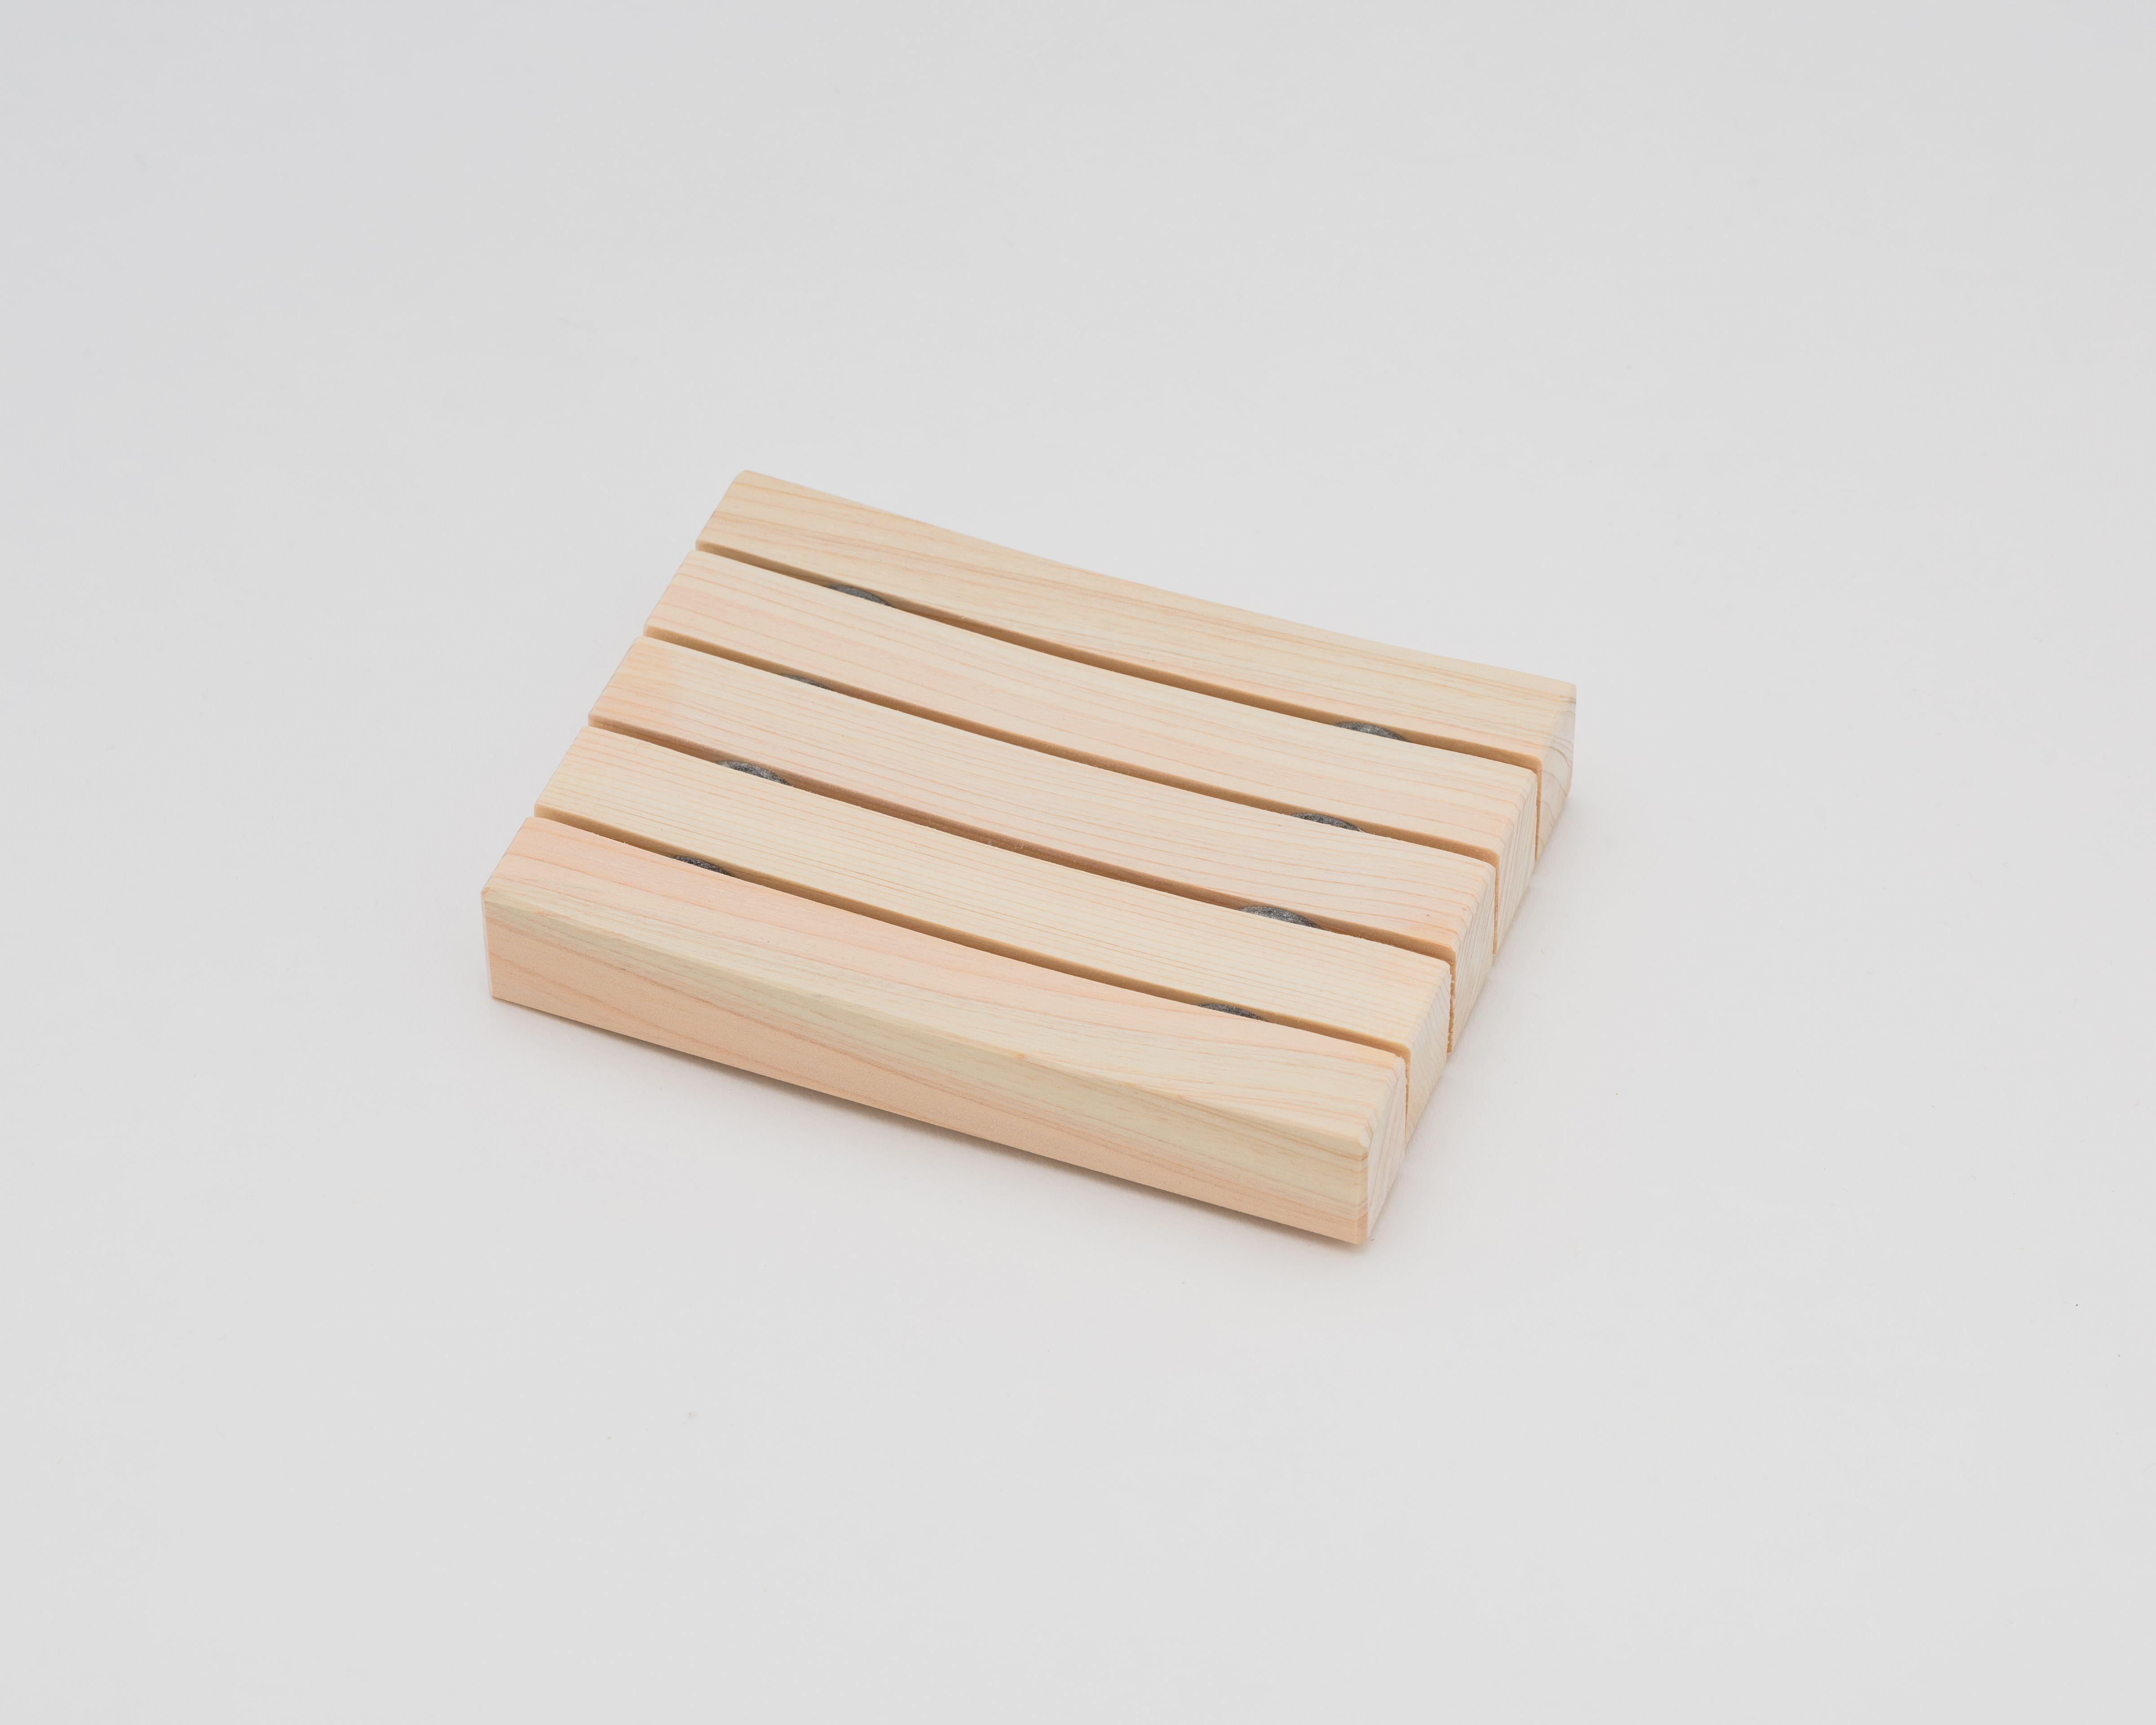 木曽の檜でつくったソープディッシュ04